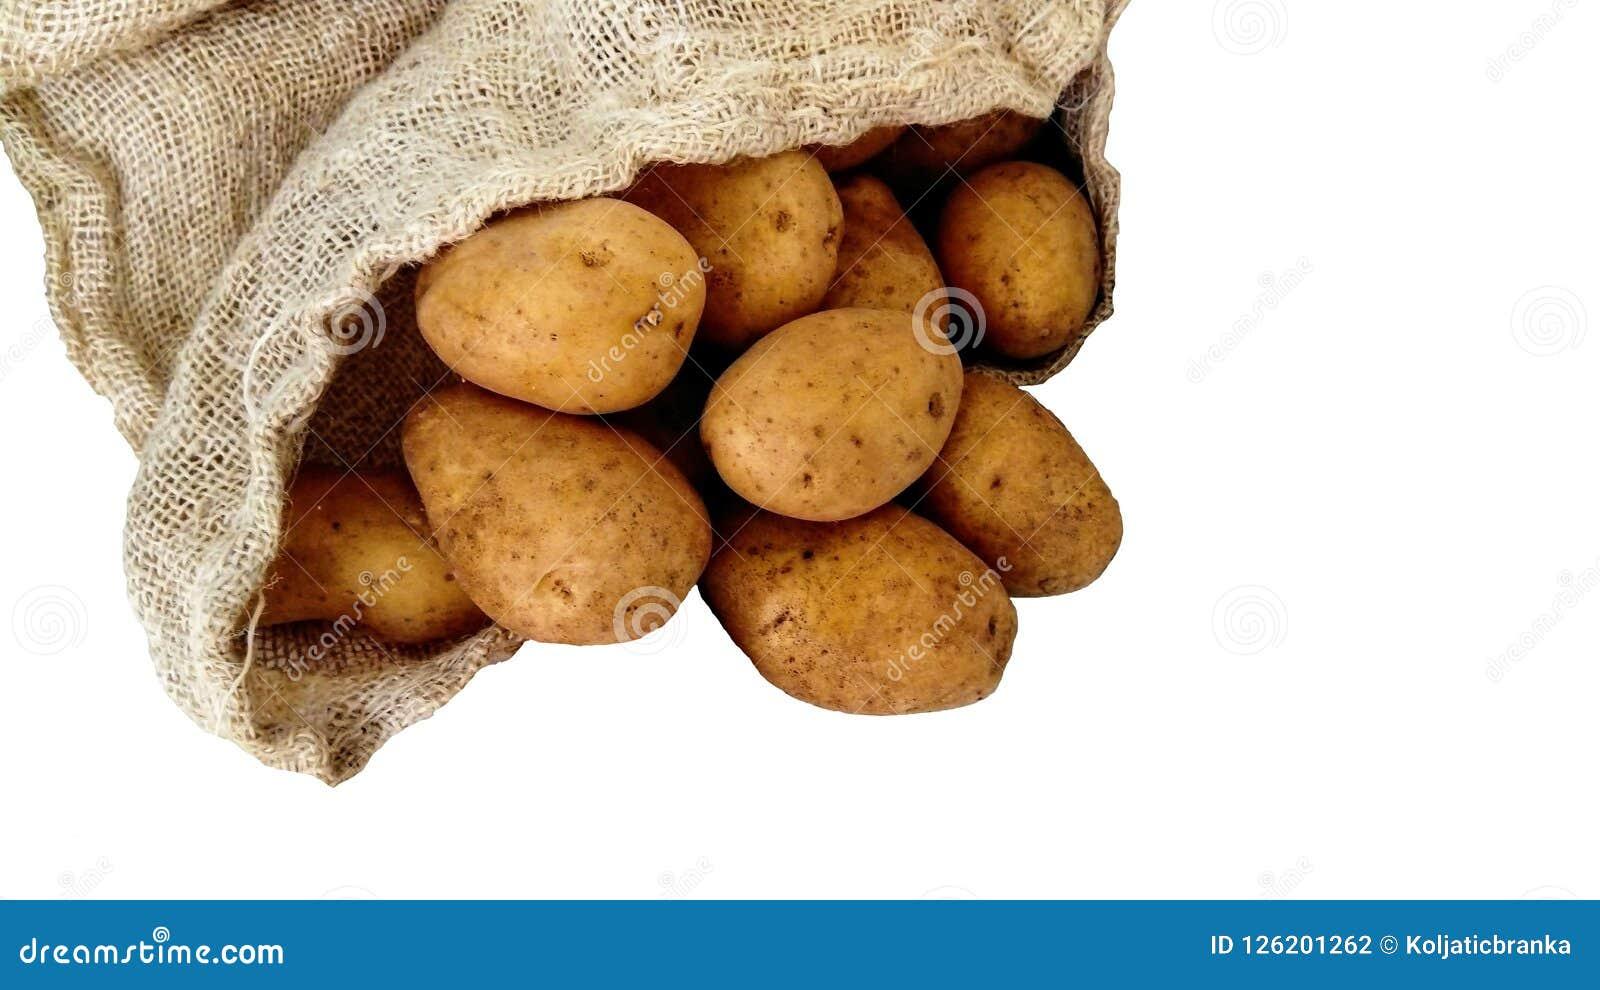 Πατάτες και σάκοι γιούτας σε ένα άσπρο υπόβαθρο Υγιή τρόφιμα, λαχανικά, αγορά, φυτεία